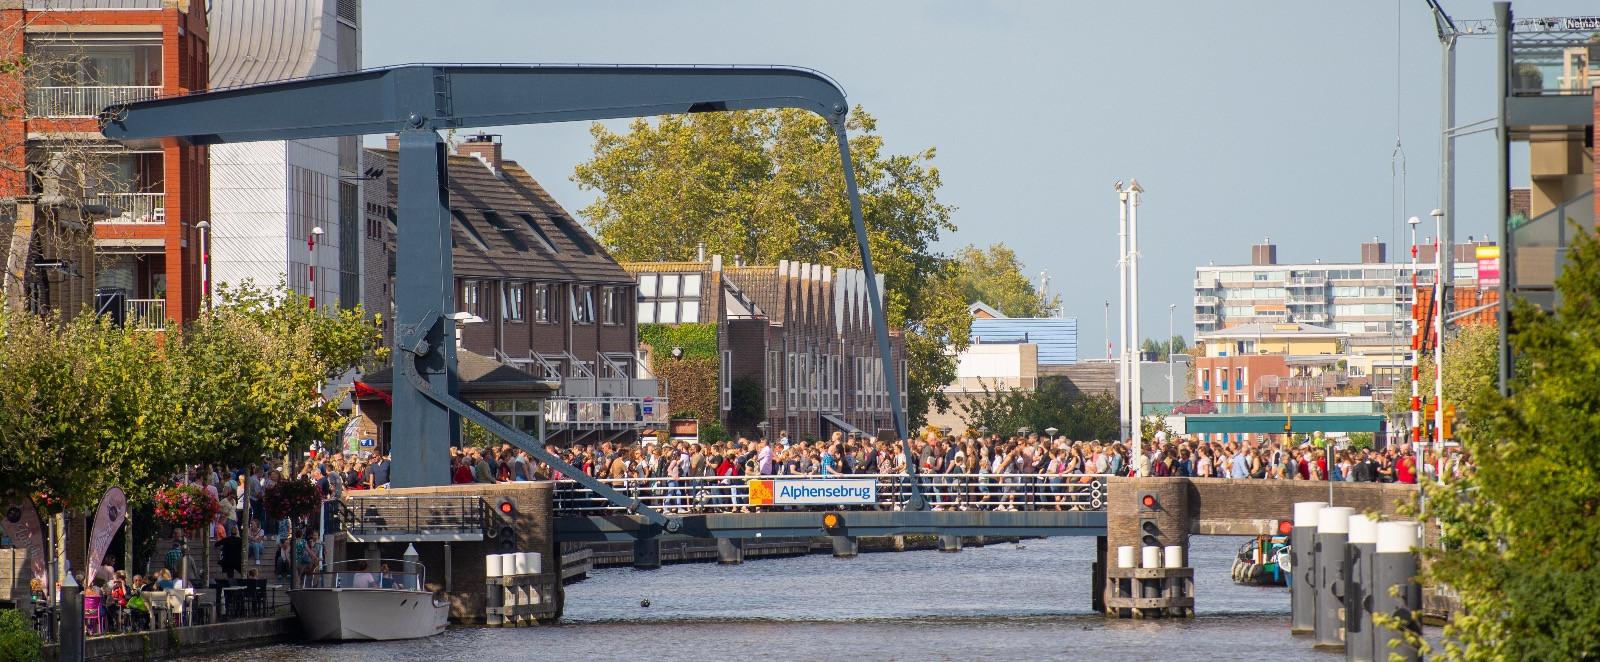 De Alphensebrug vol met mensen